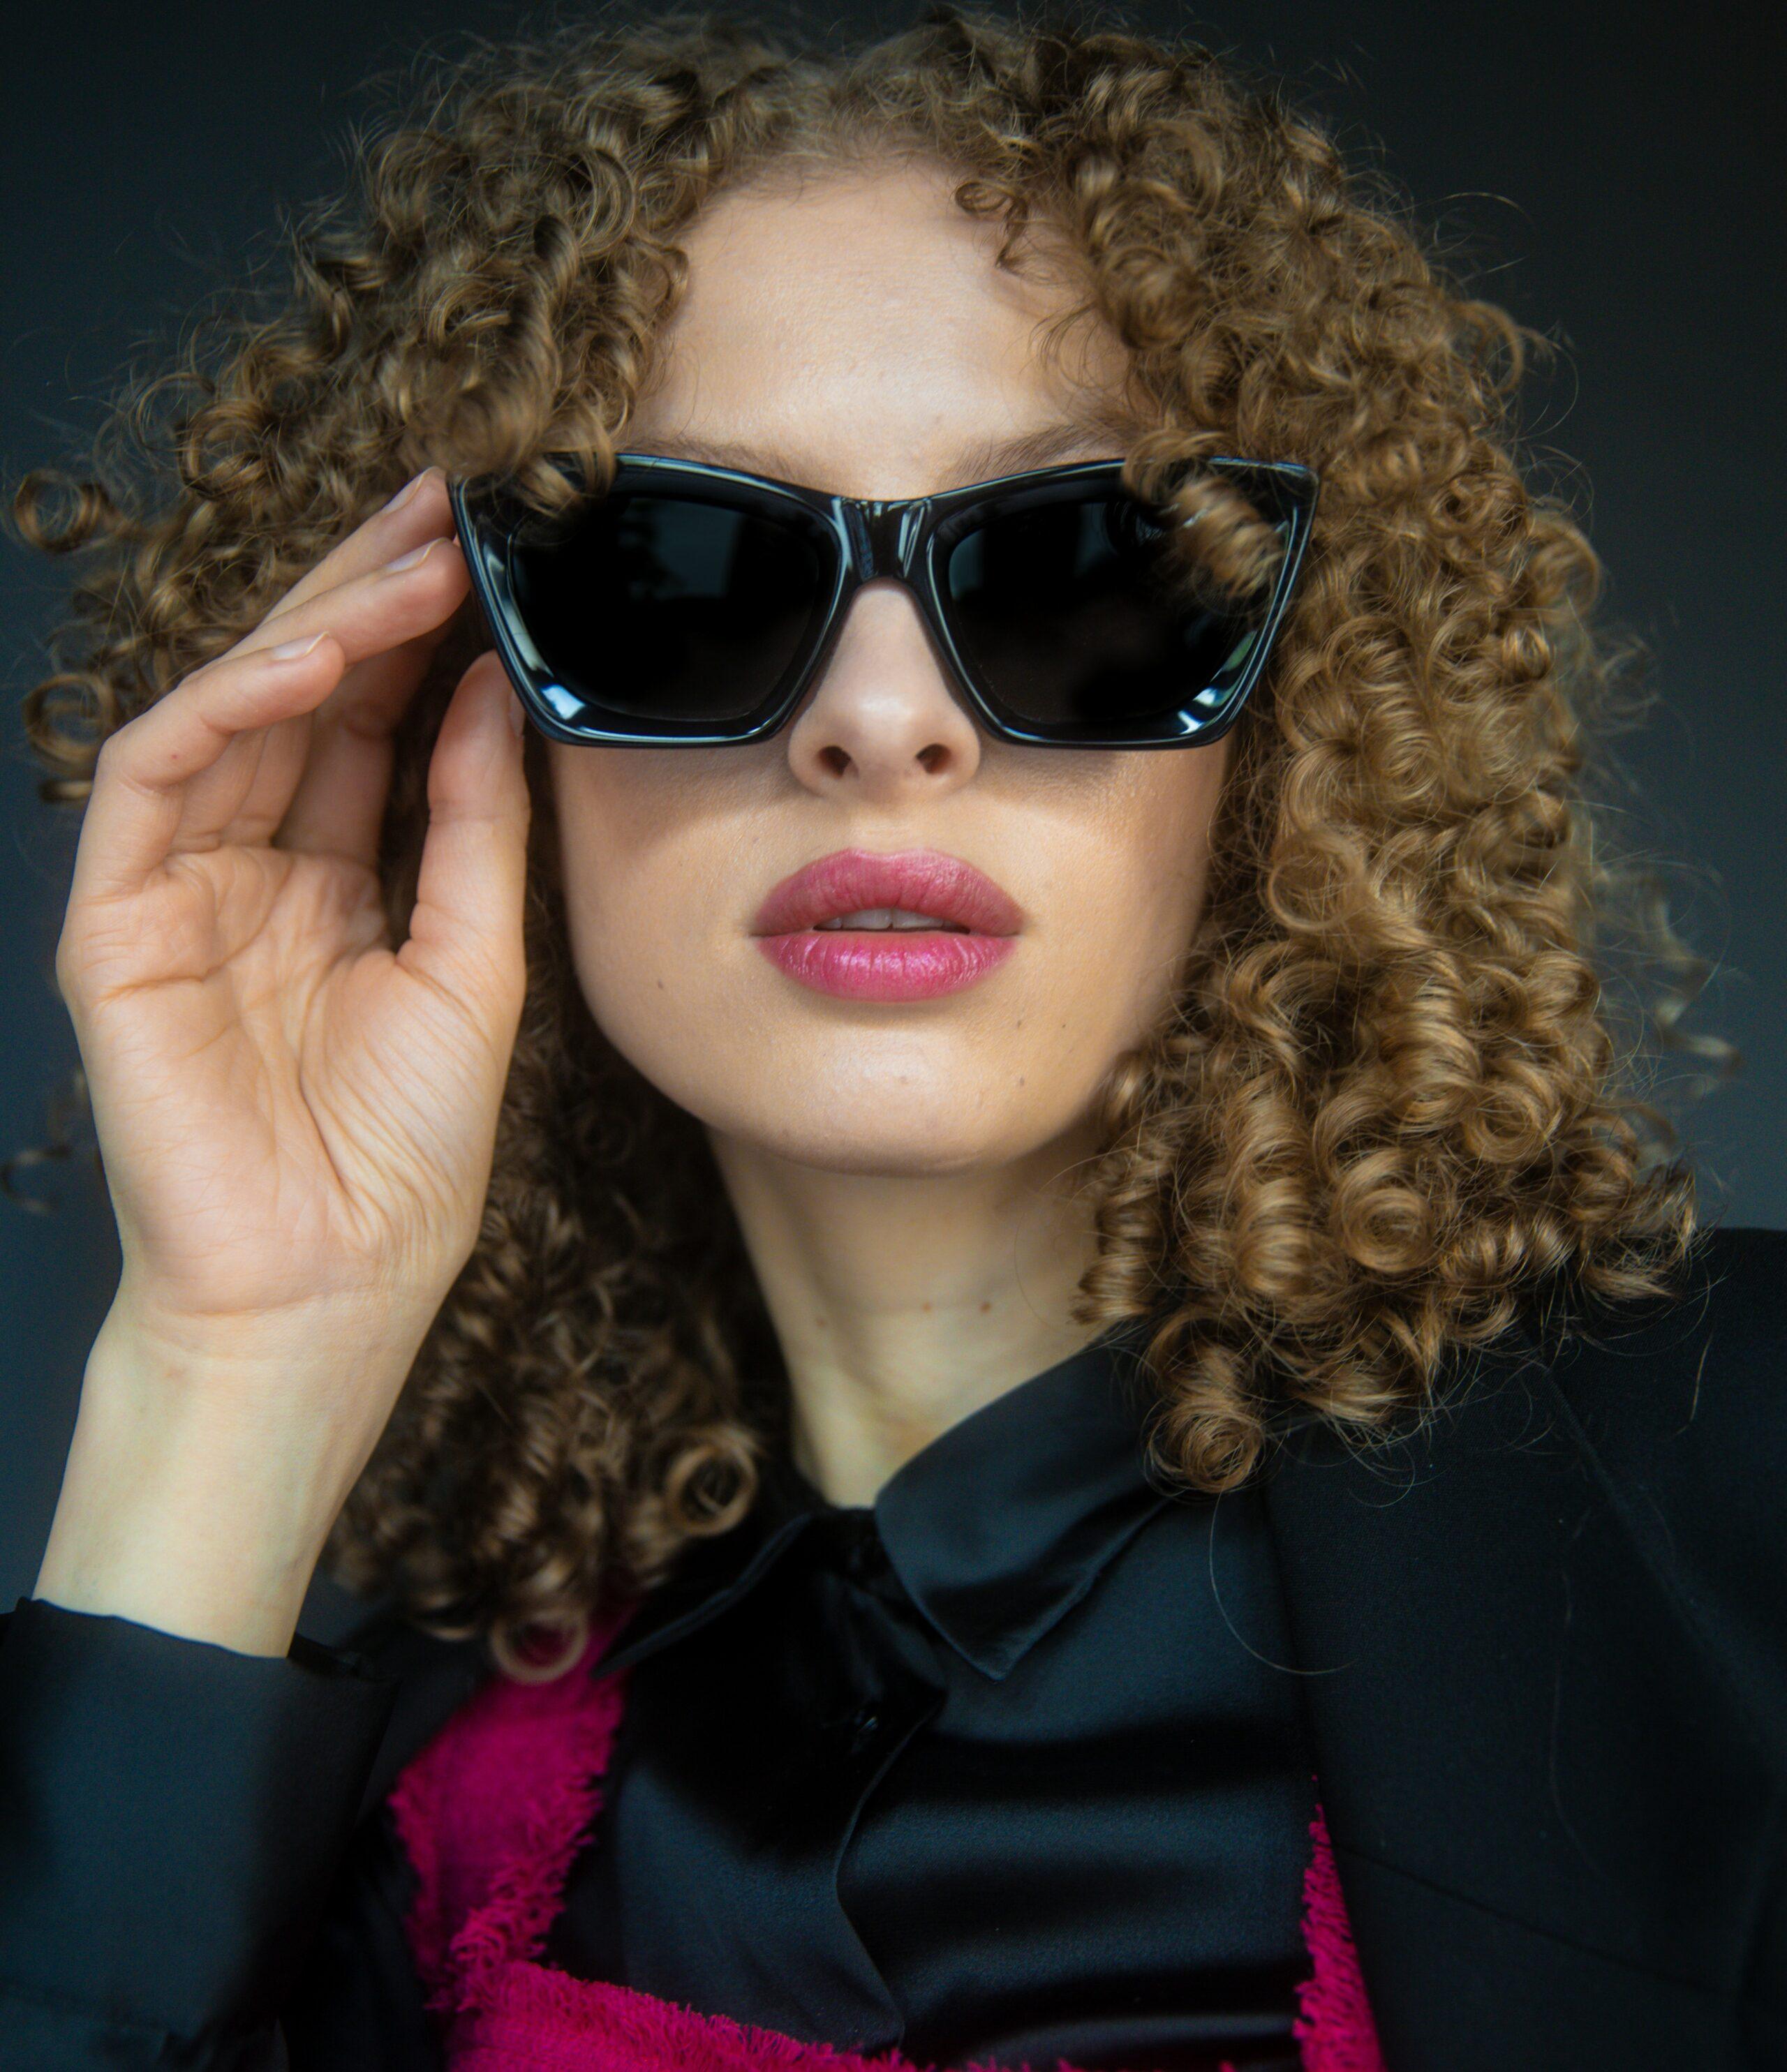 Komono brillen en zonnebrillen • Frames and Faces Deinze